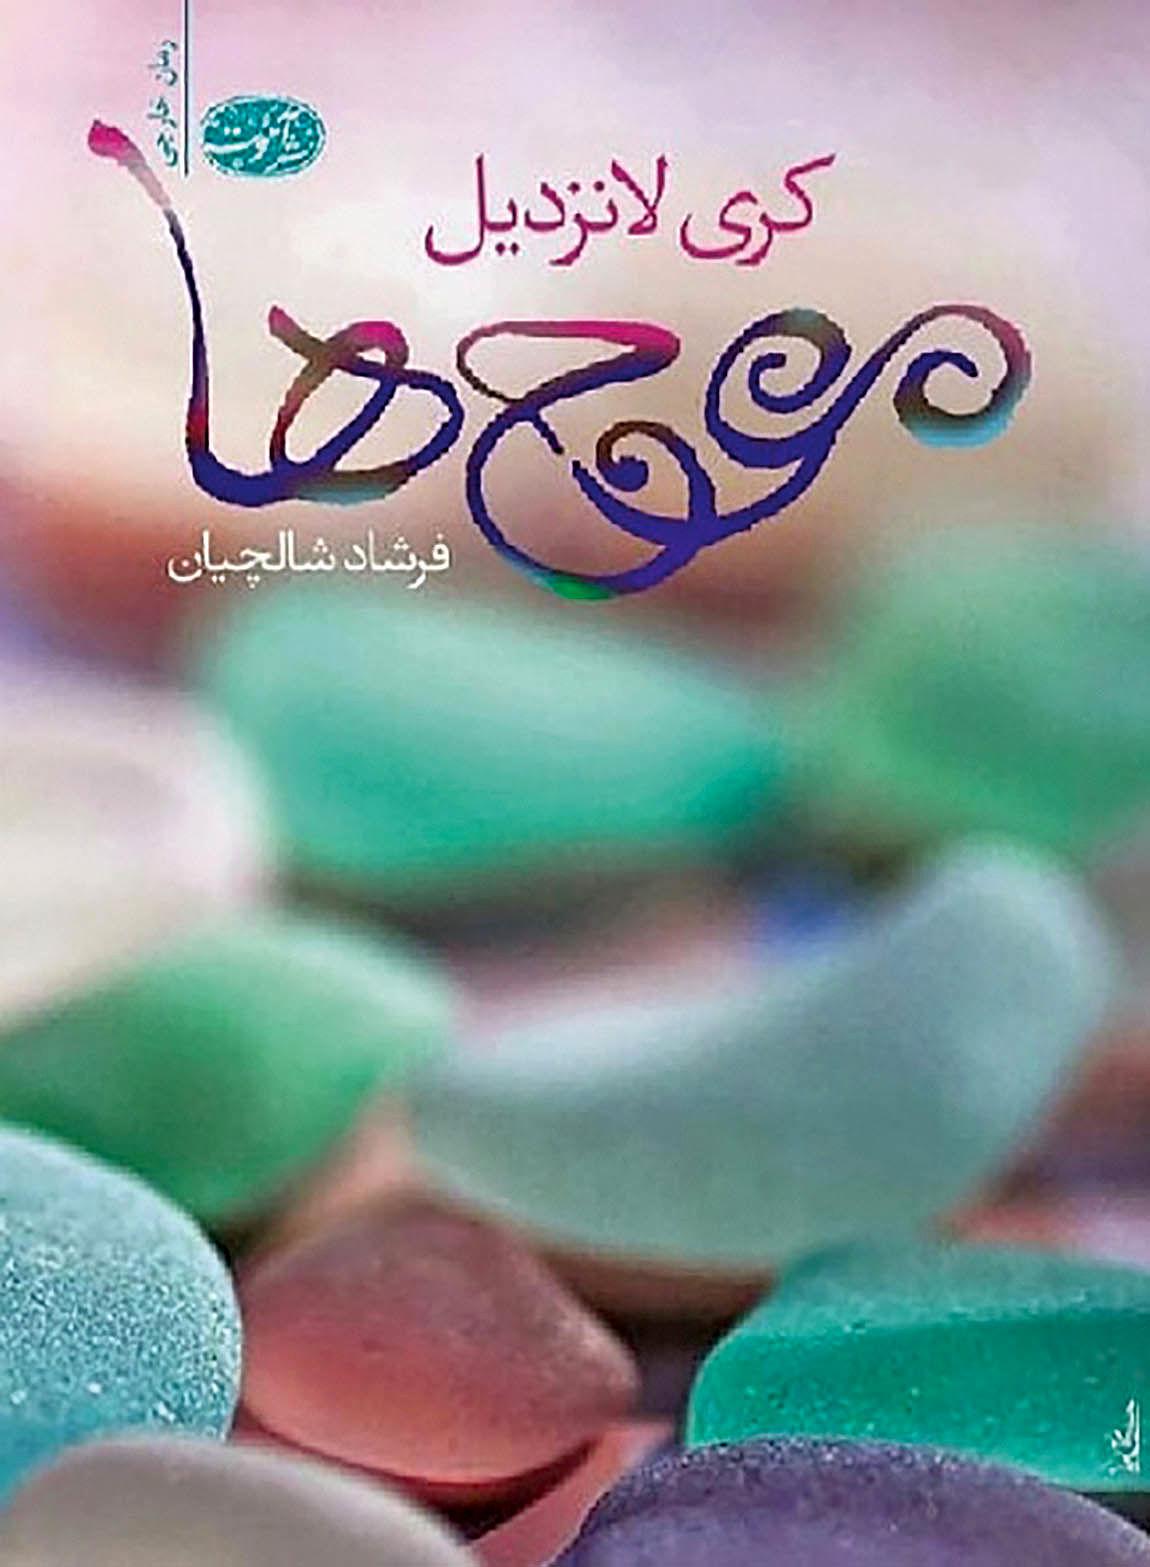 انتشار «موجها» در بازار کتاب